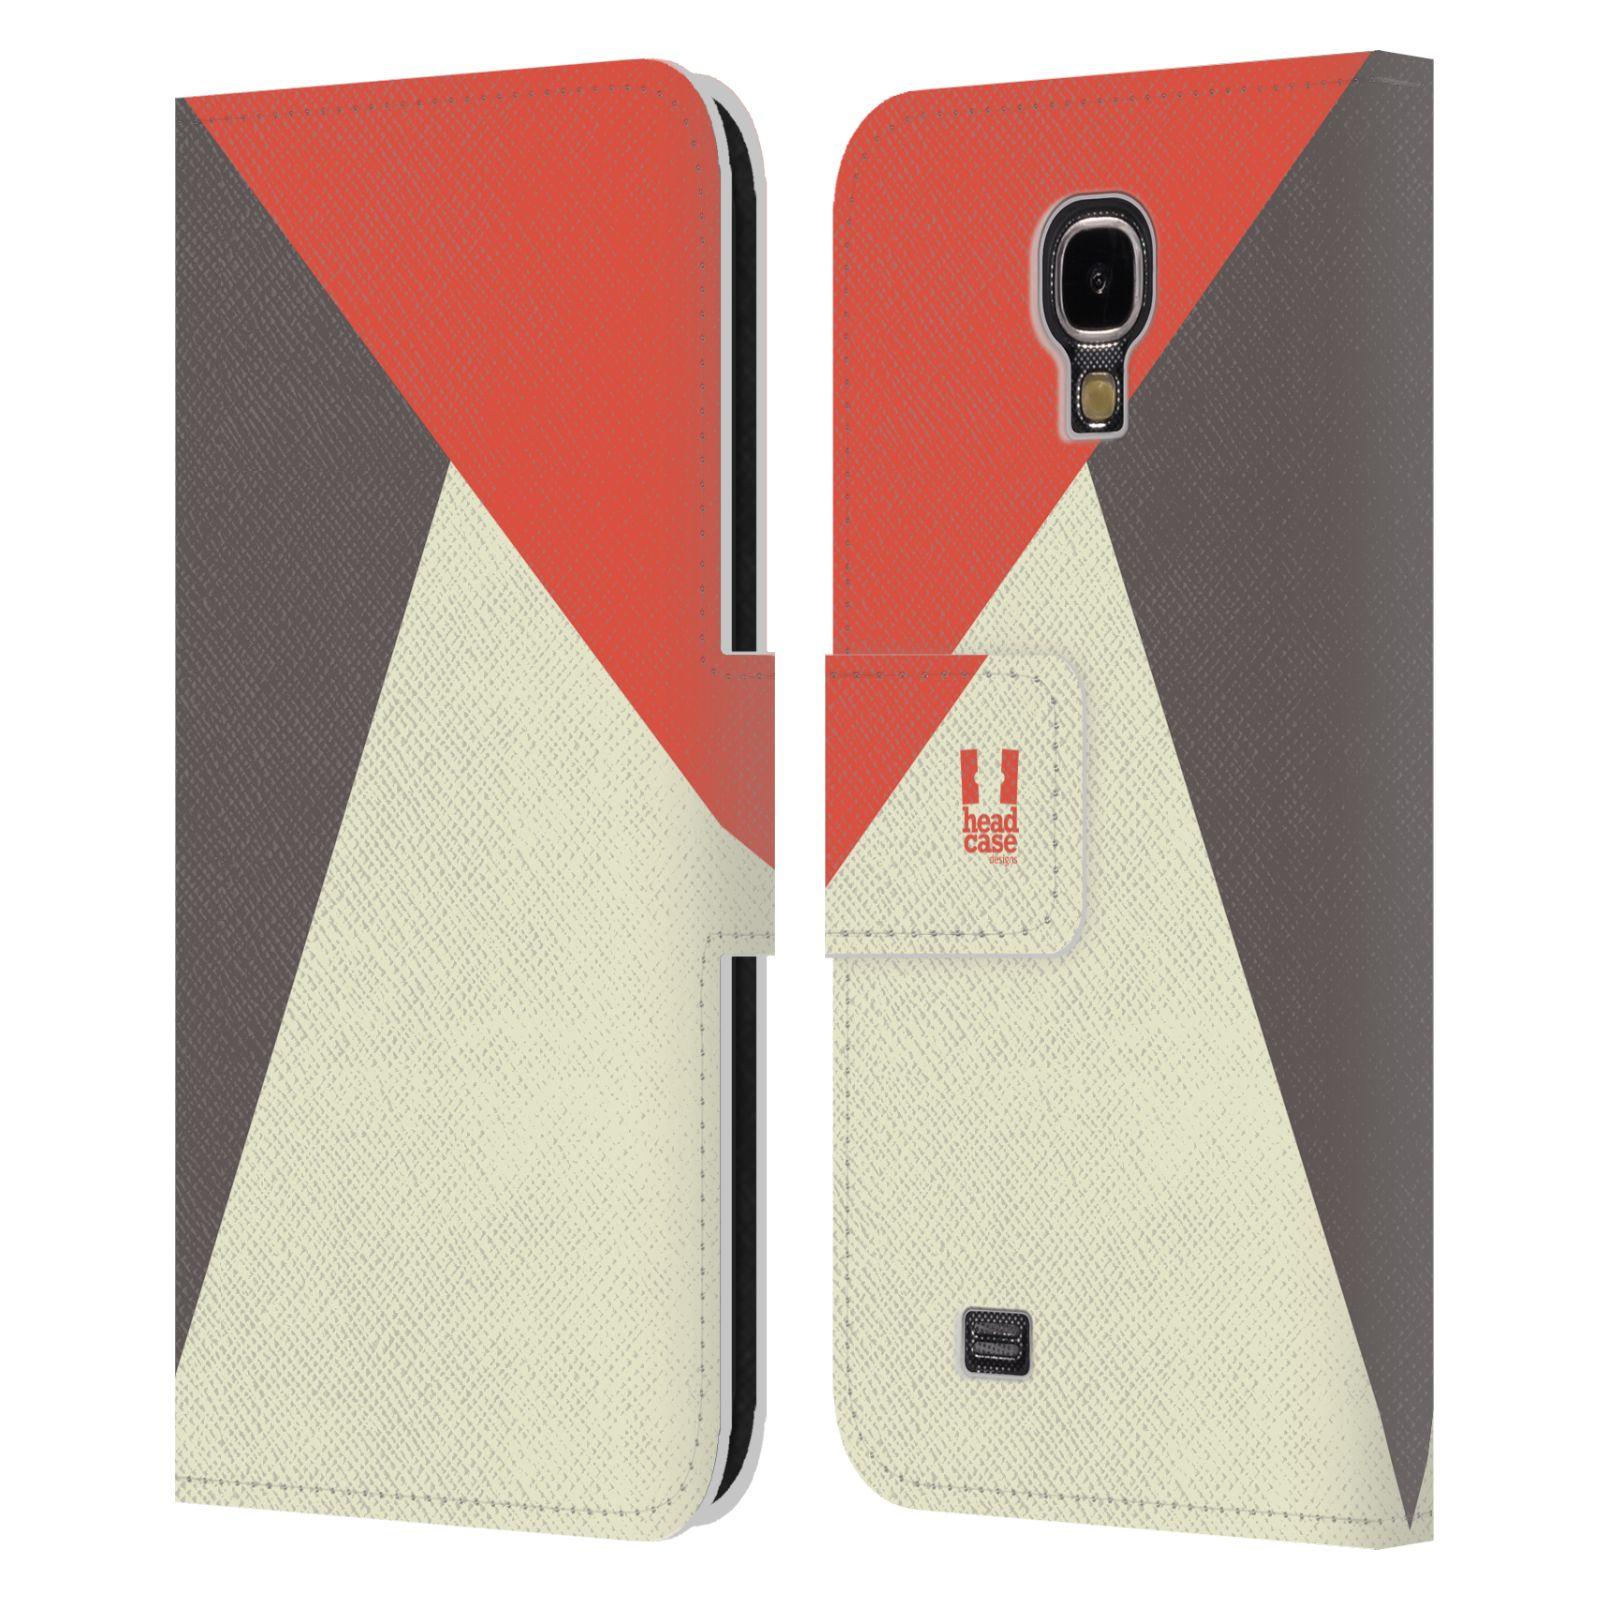 HEAD CASE Flipové pouzdro pro mobil Samsung Galaxy S4 I9500 barevné tvary červená a šedá COOL